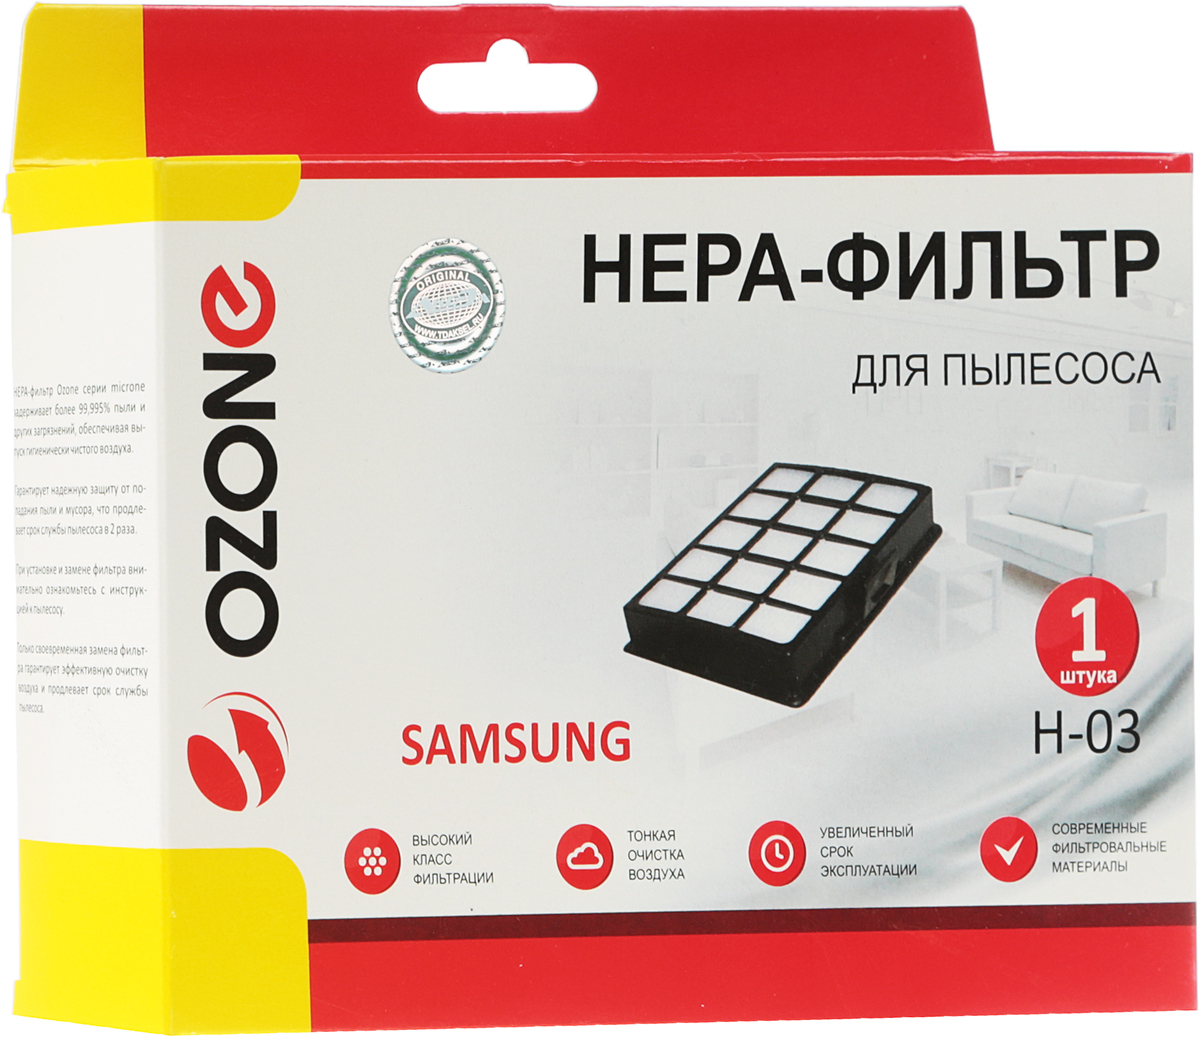 Ozone H-03 HEPA фильтр для пылесоса SamsungH-03HEPA фильтр Ozone microne H-03 высокоэффективной очистки предназначен для завершающей очистки воздуха в помещении, которое требует высокое качество воздуха, например, медицинских помещений. Фильтр состоит из мелкопористых материалов, что служит эффективному задерживанию частиц размером до 0,3 мкм. Фильтры HEPA последнего поколения имеют степень очистки воздуха около 95-97%. Фильтры не подлежат к промывке, а значит, они являются одноразовыми.Уважаемые клиенты! Обращаем ваше внимание на то, что упаковка может иметь несколько видов дизайна. Поставка осуществляется в зависимости от наличия на складе.